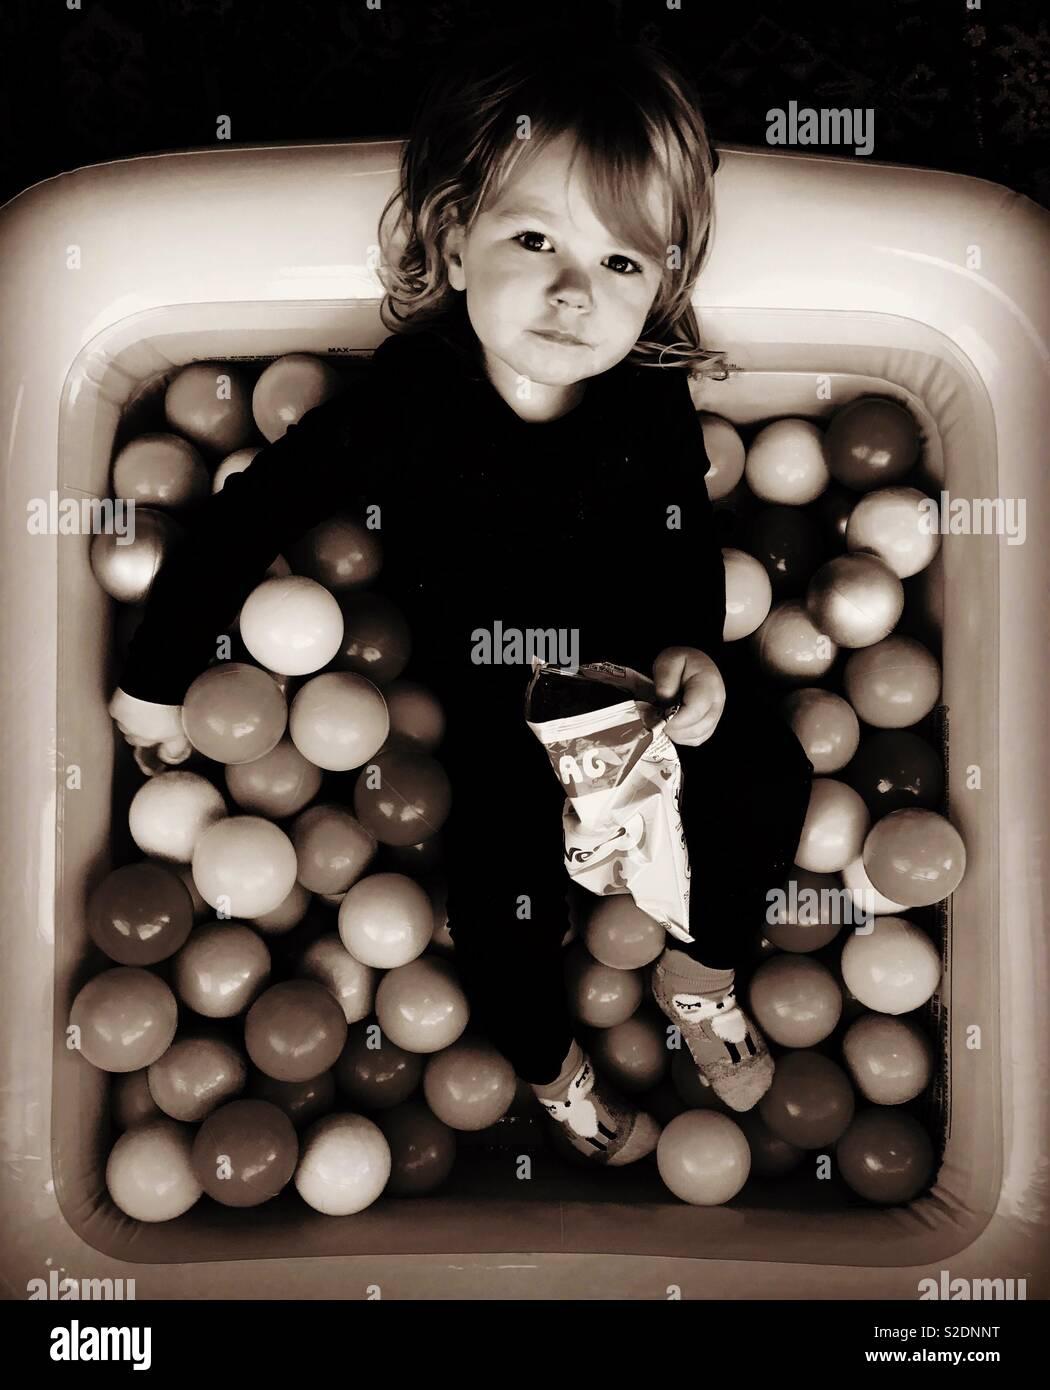 Gli amici di mia figlia possedere la sfera pit.. Immagini Stock